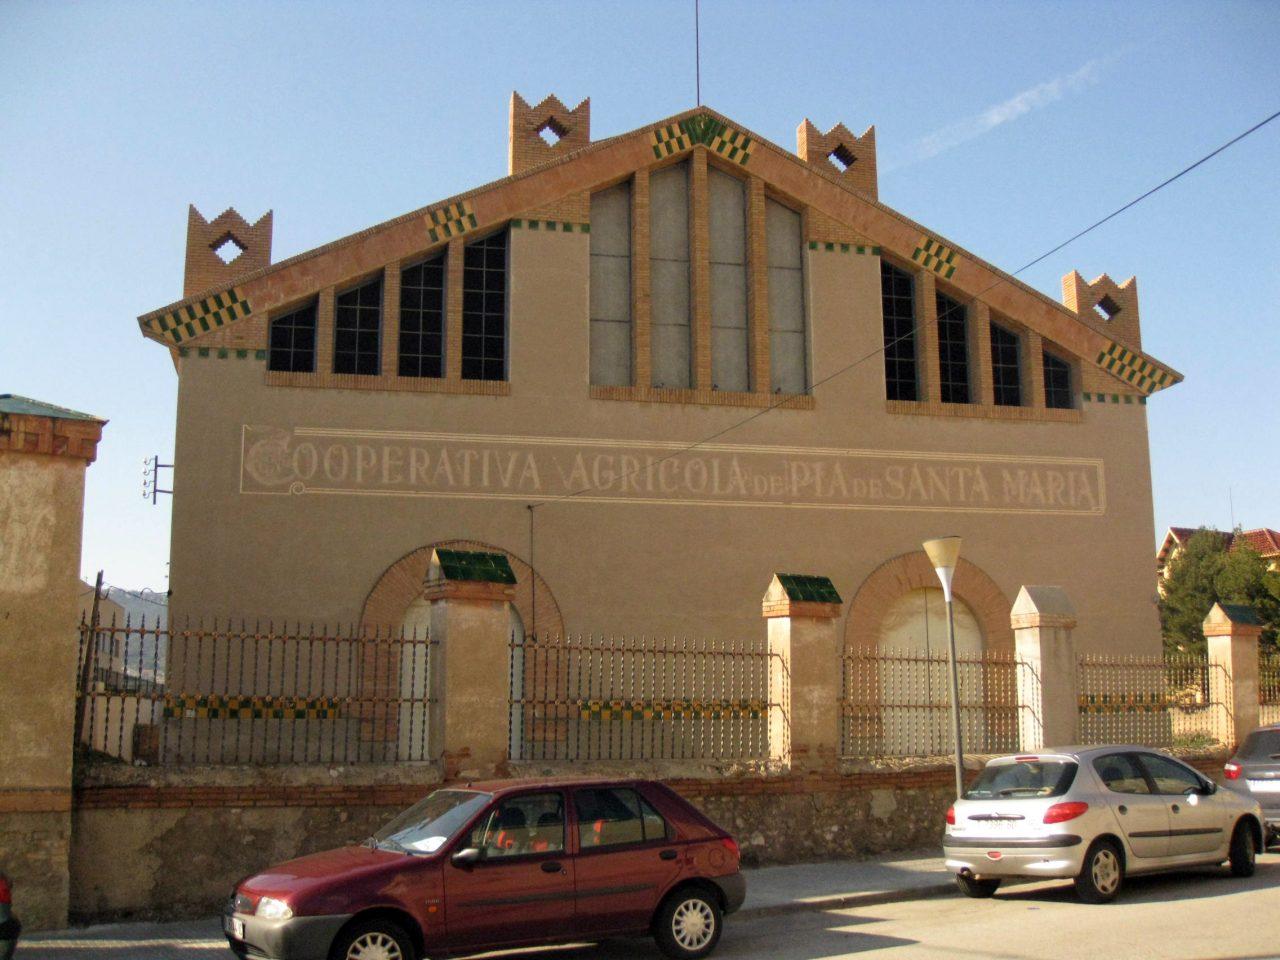 003_Cooperativa_Agrícola_del_Pla_de_Santa_Maria-1280x960.jpg